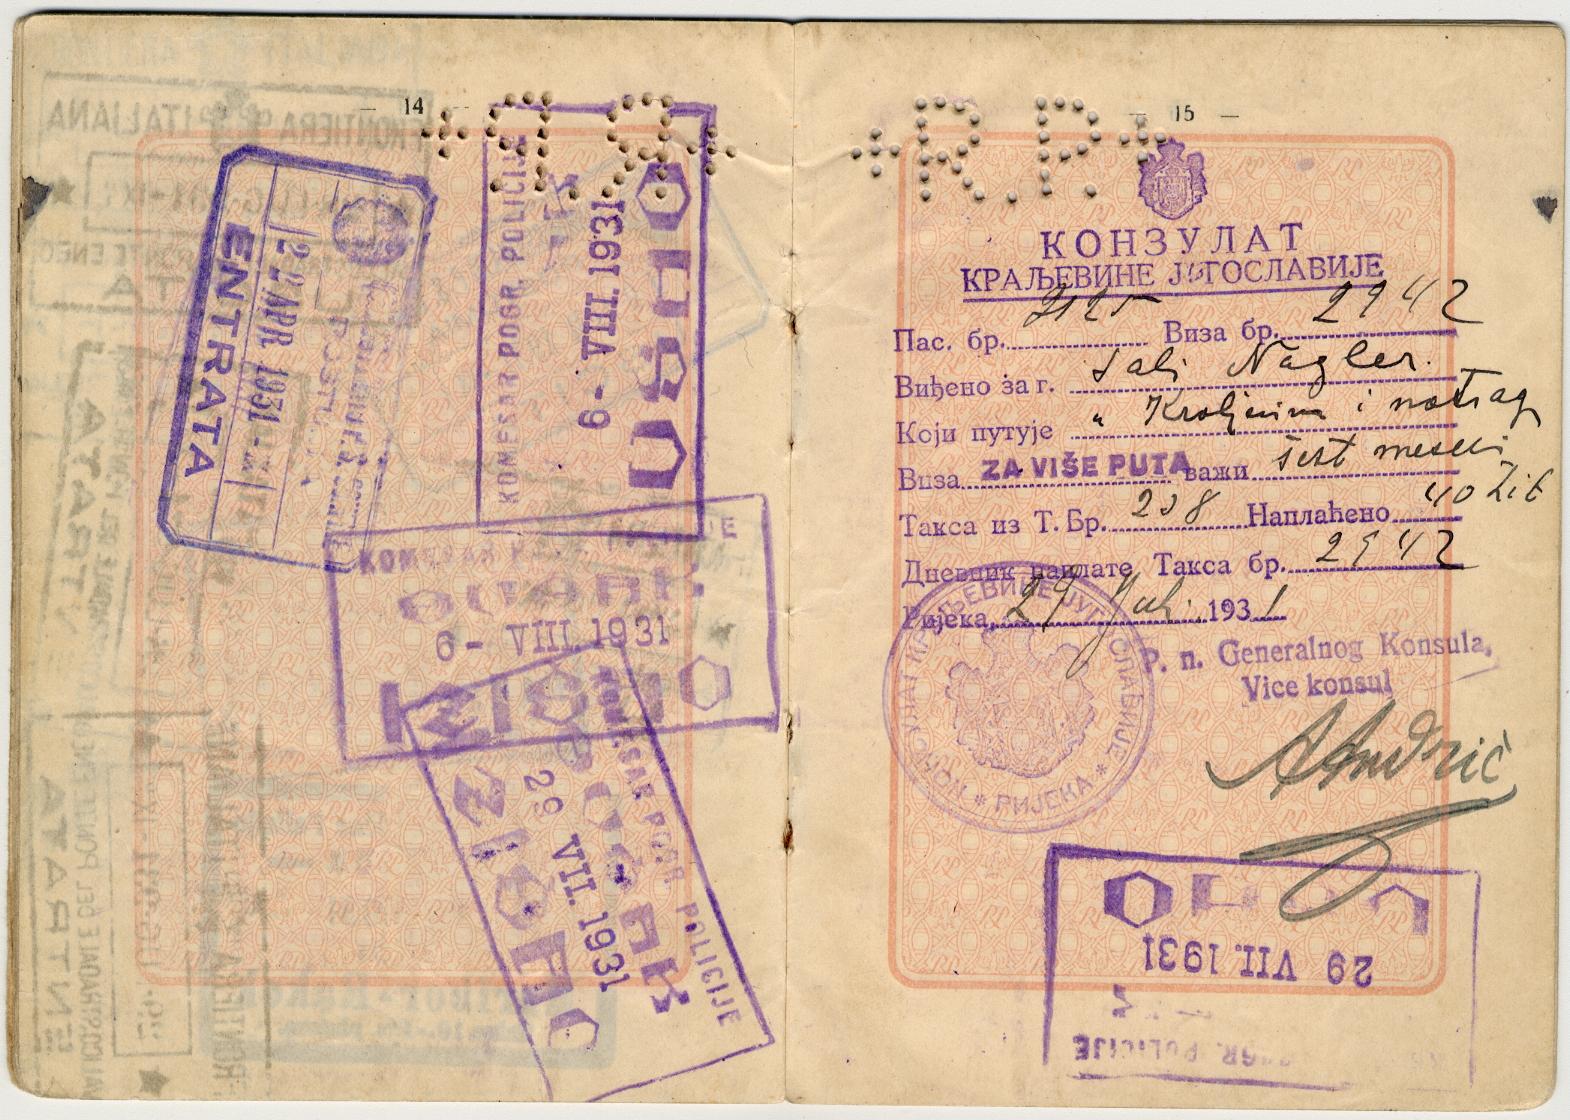 Passaporto polacco di Salo Nagler e Eige 1929 (pag. 8)